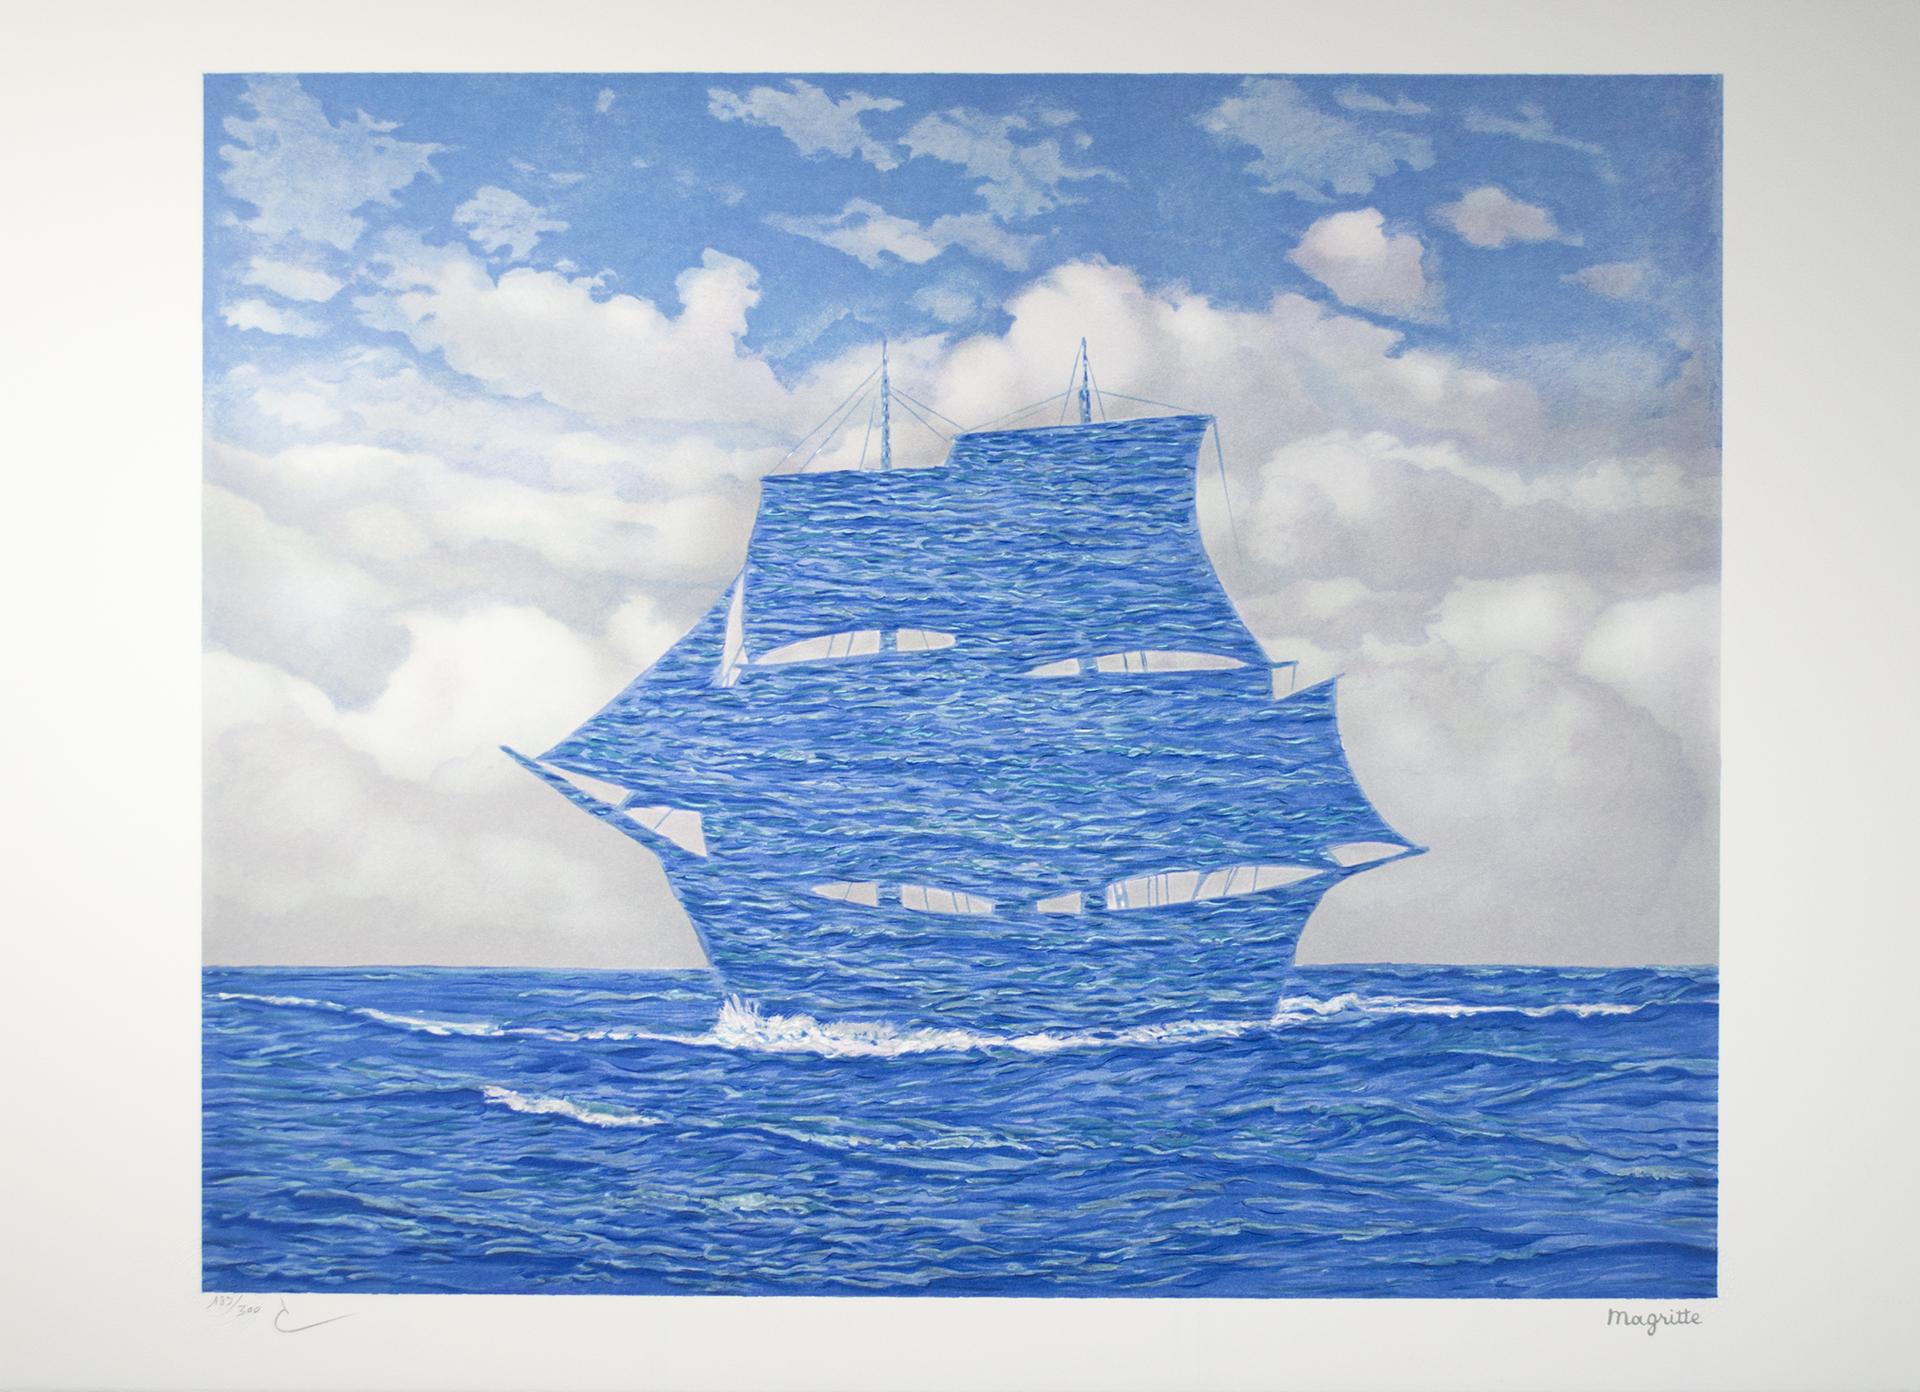 Le Séducteur (The Seducer) by Rene Magritte